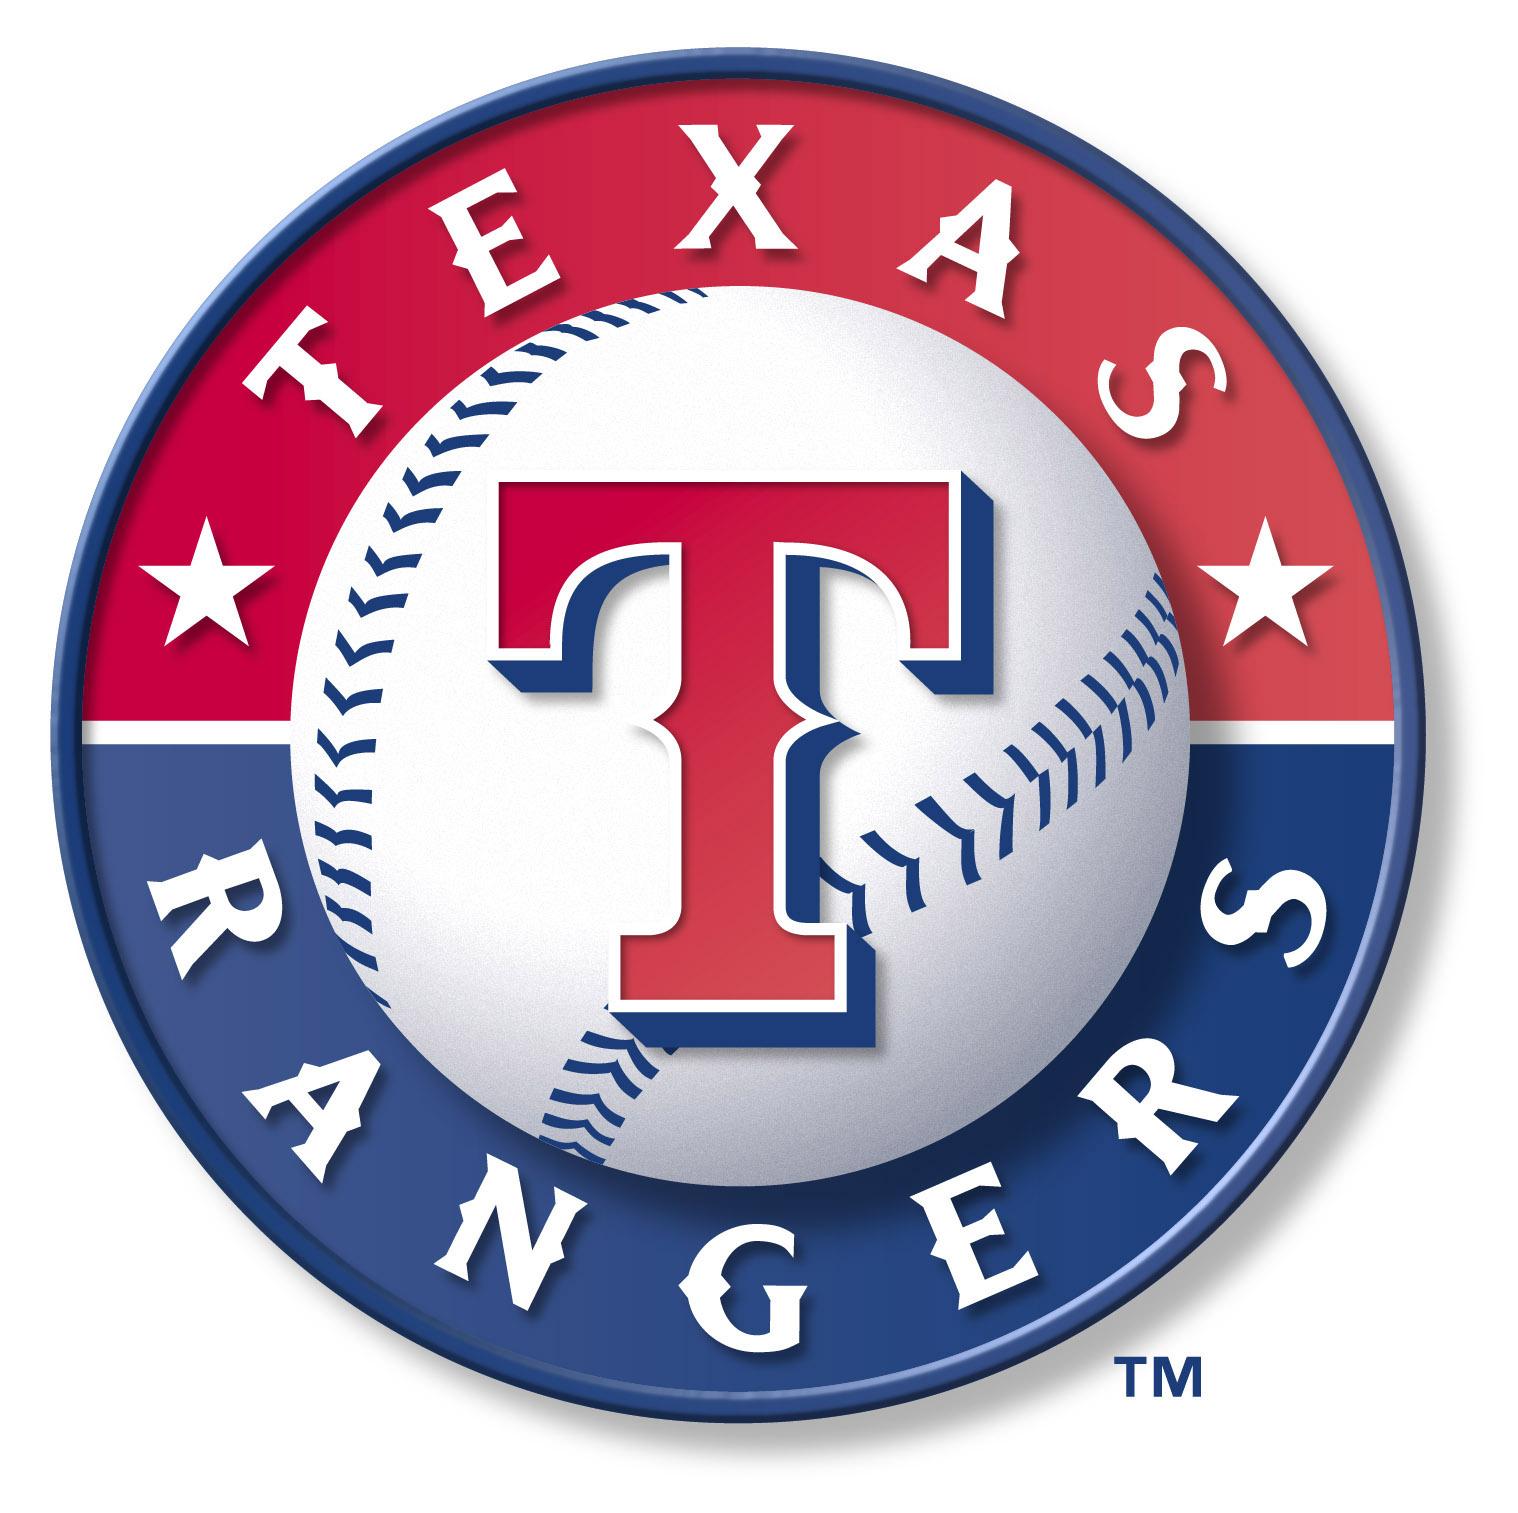 Texas Rangers Baseball Logo Clip Art free image.